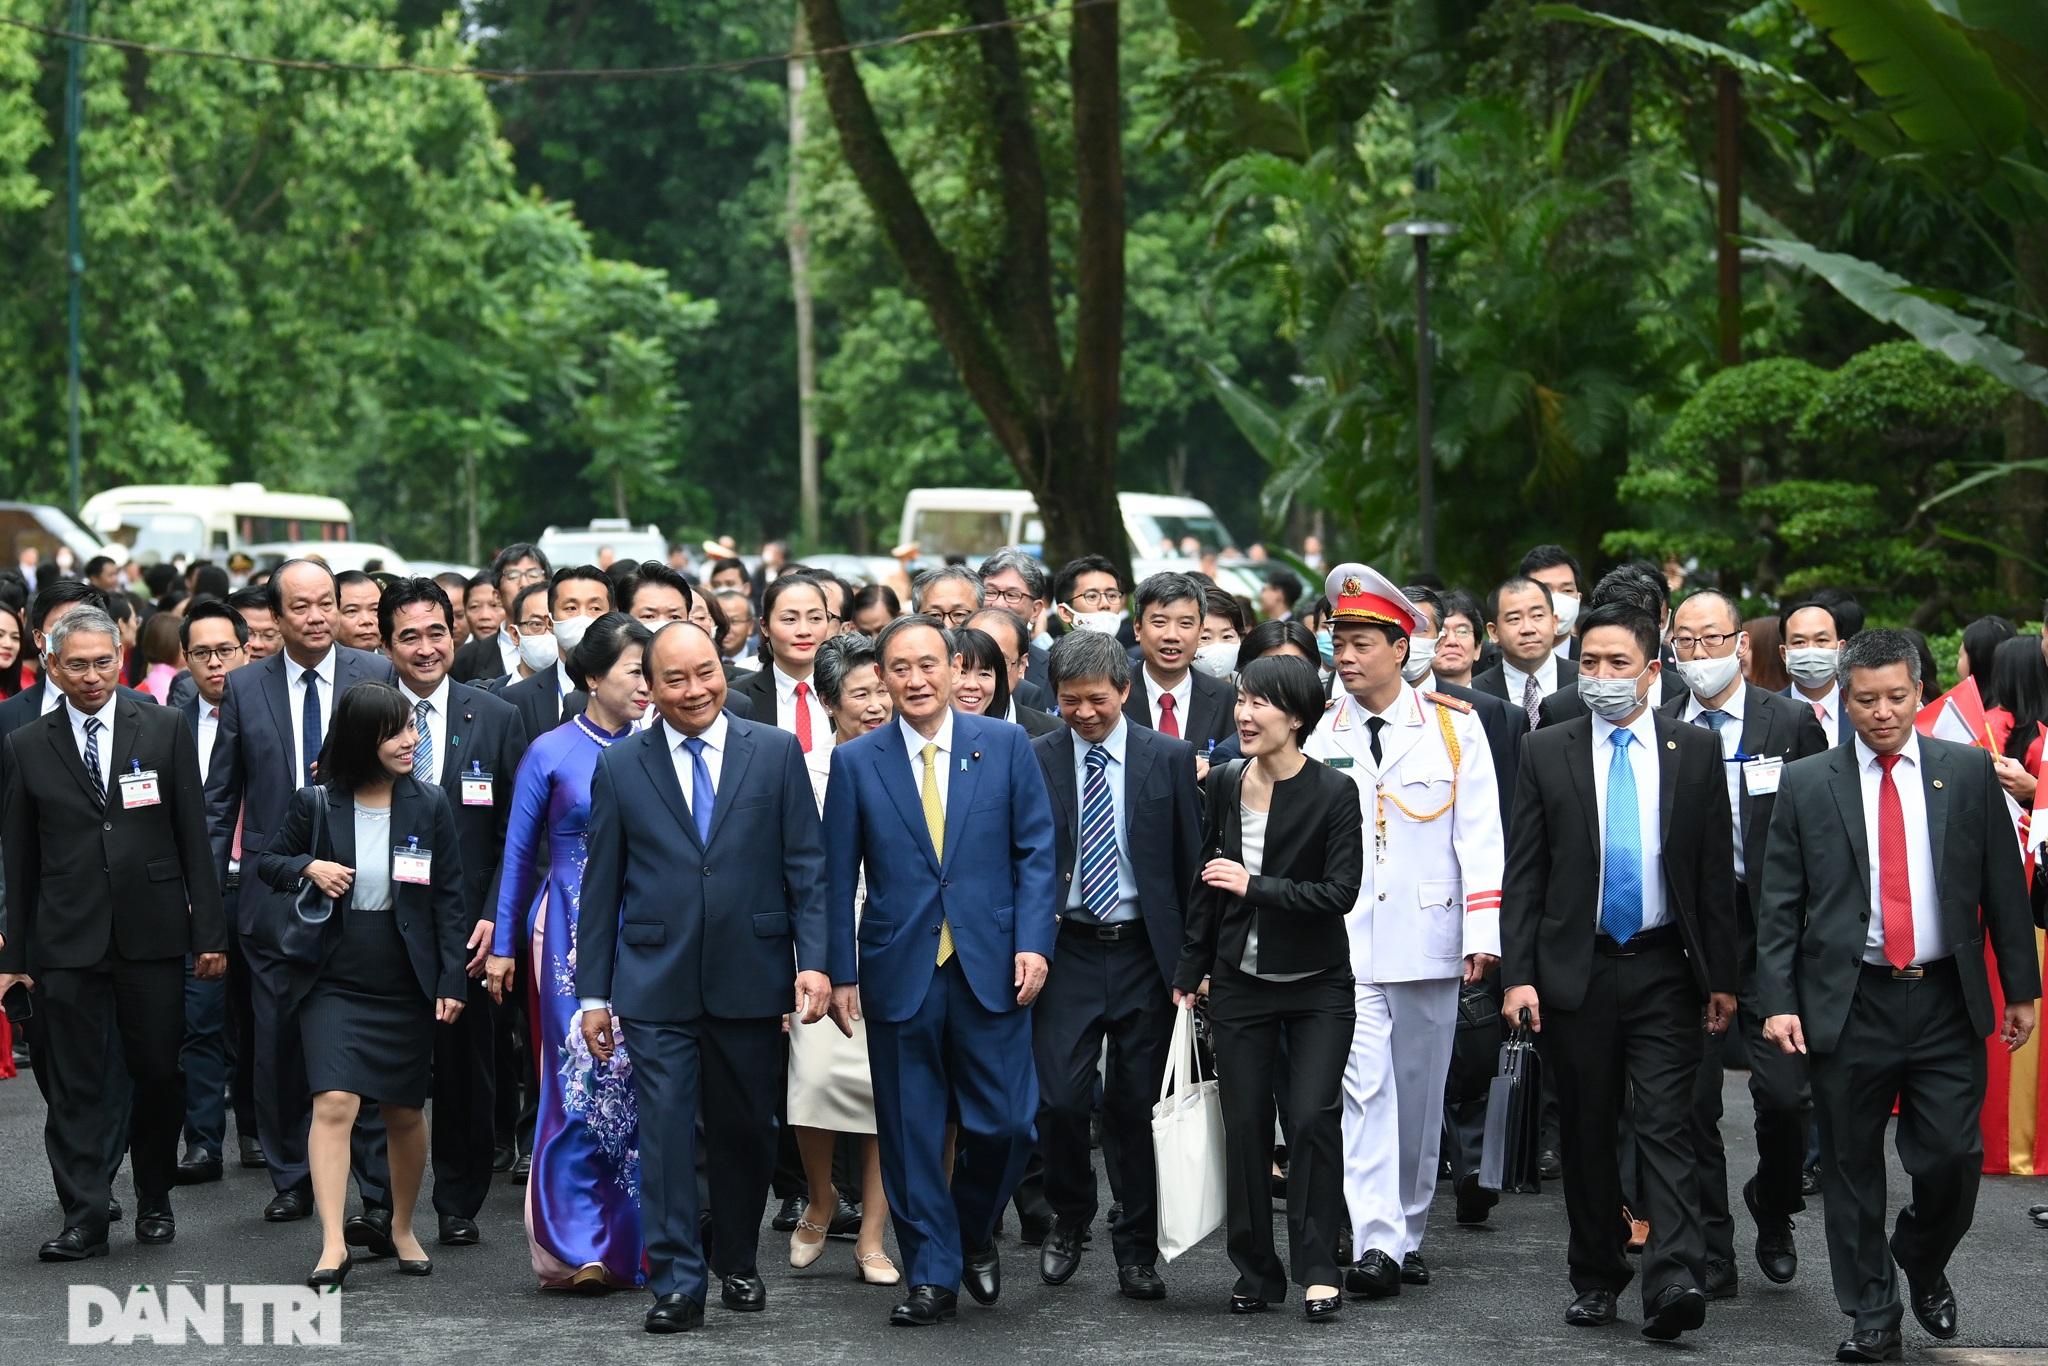 Lễ đón chính thức Thủ tướng Nhật Bản Suga Yoshihide và phu nhân tại Hà Nội - 6